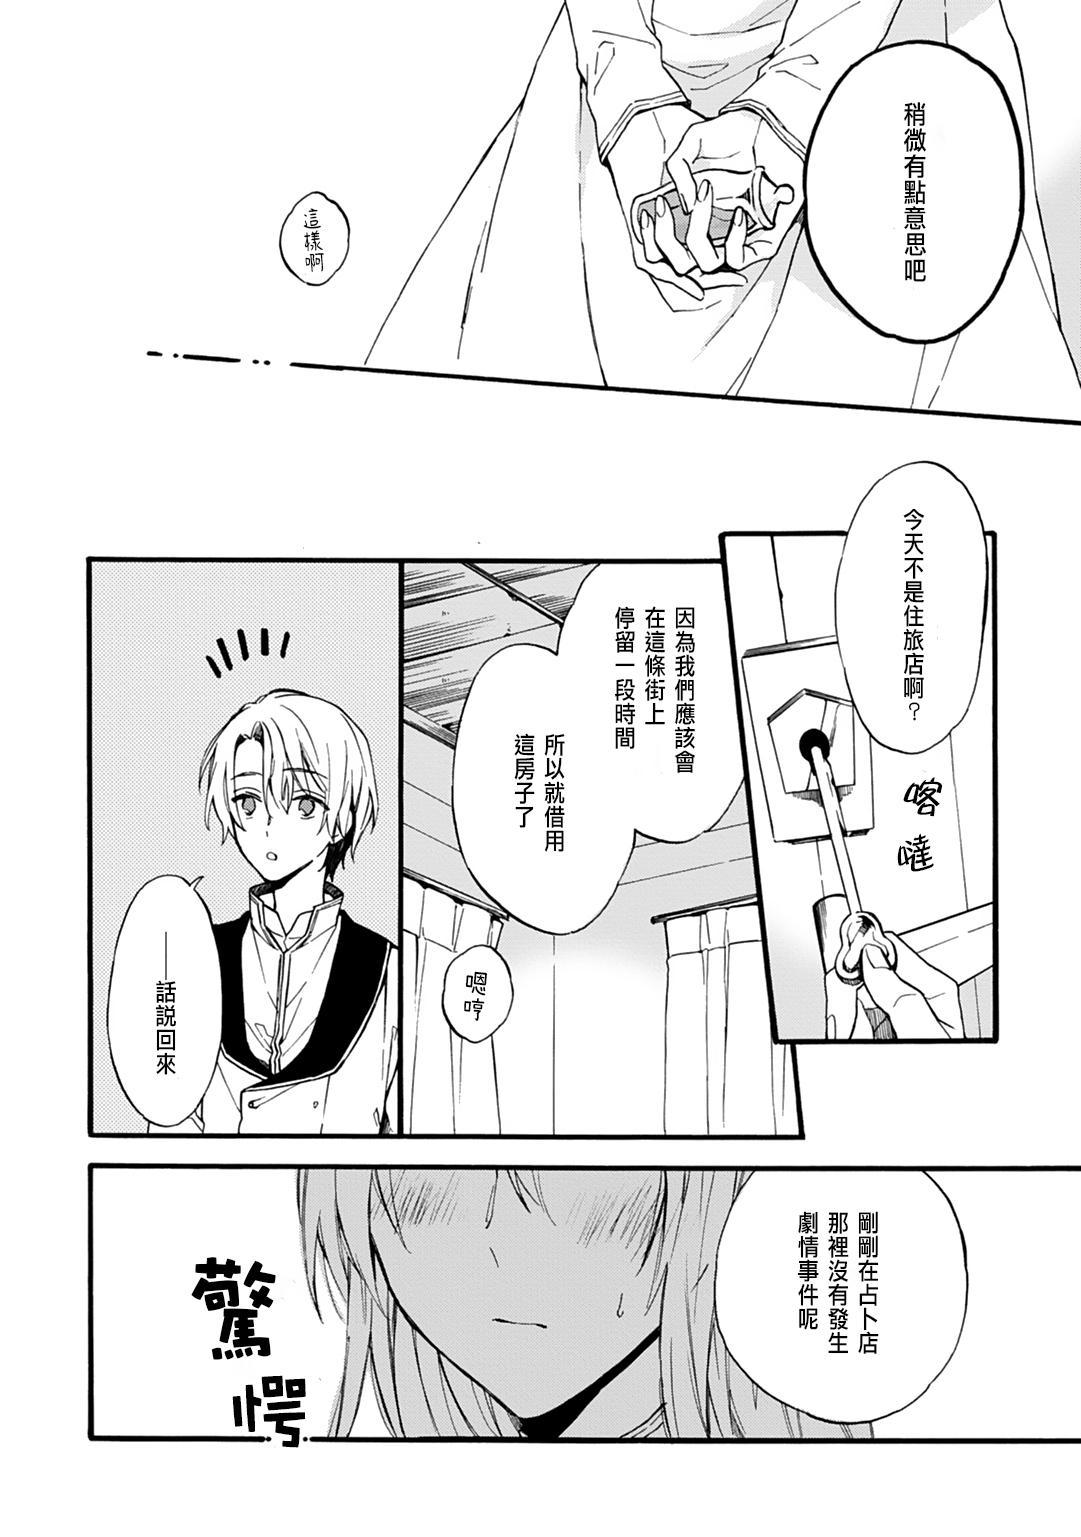 [Suzushiro Nerita] Otomege (18-kin) de Nyotaika shita Ore wa ~Clear Jouken wa Dekiai Ecchi!?~ 1-3 [Chinese] 76